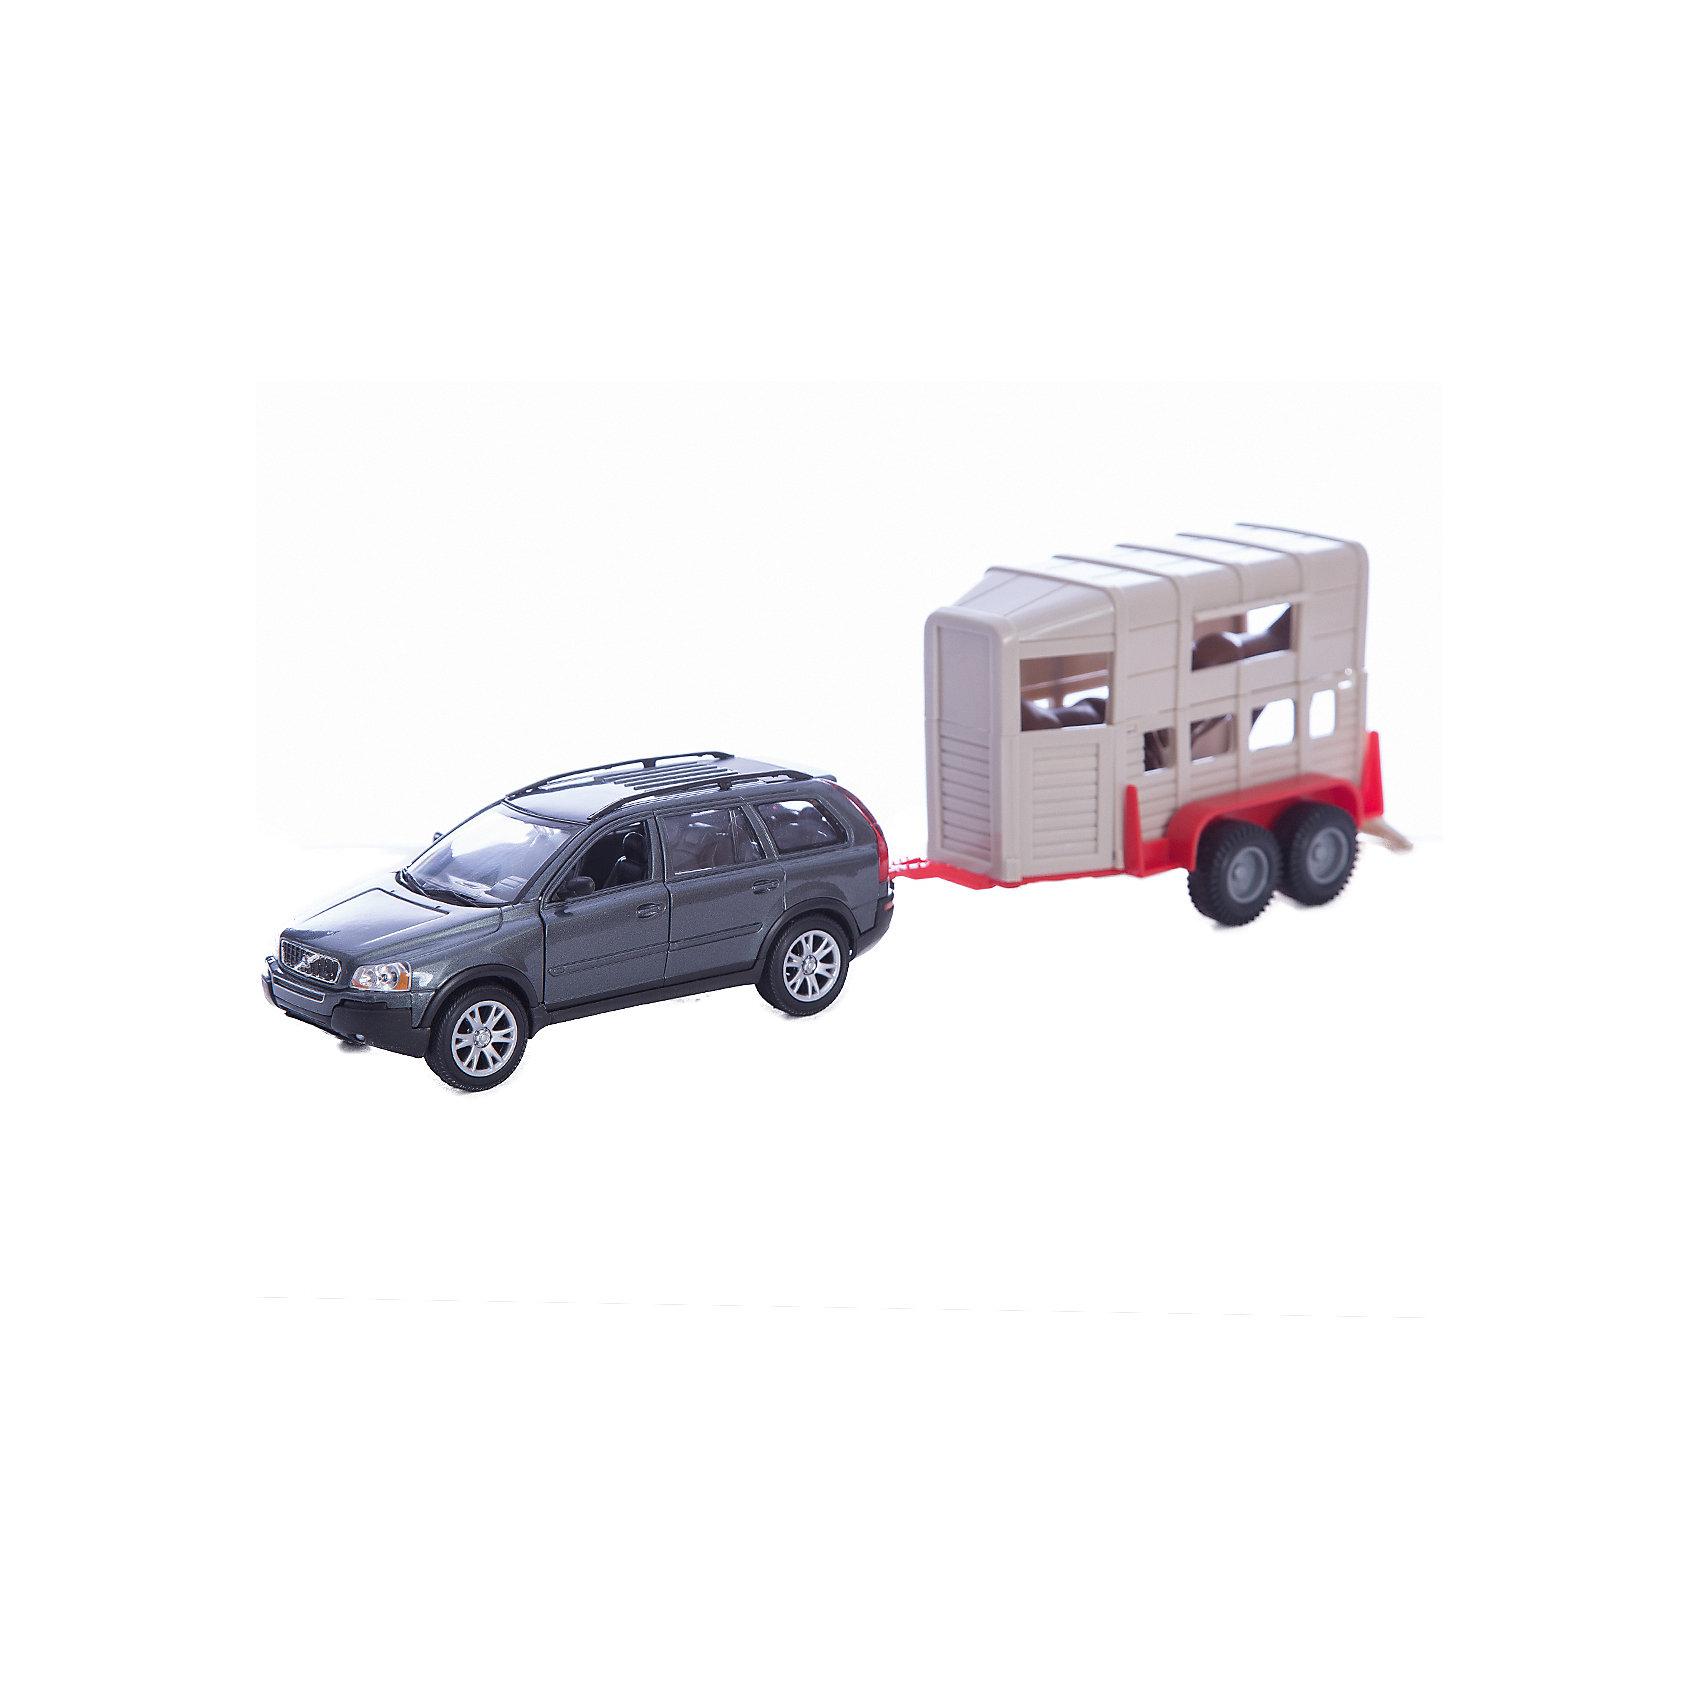 Welly Набор ЦиркИгровые наборы<br>Welly Набор Цирк<br><br>Характеристики:<br><br>• Возраст: от 4 лет<br>• Размер упаковки: 0.350 х 0.080 х 0.140 м <br>• Вес : 0.500 кг<br>• В комплекте: автомобиль, фургон, две фигурки лошади<br>• Материал: металл, пластик<br><br>Игровой набор включает в себя уменьшенную копию модного автомобиля BMW X5, а также фургон с лошадьми. Этот веселый набор позволит ребенку не только поиграть в машинку, но и создать целую сказку о цирке. Все игрушки сделаны из качественного материала, который не только безопасен для ребенка, но еще и очень крепок. <br><br>Welly Набор Цирк можно купить в нашем интернет-магазине.<br><br>Ширина мм: 80<br>Глубина мм: 350<br>Высота мм: 135<br>Вес г: 522<br>Возраст от месяцев: 84<br>Возраст до месяцев: 1188<br>Пол: Мужской<br>Возраст: Детский<br>SKU: 2150002